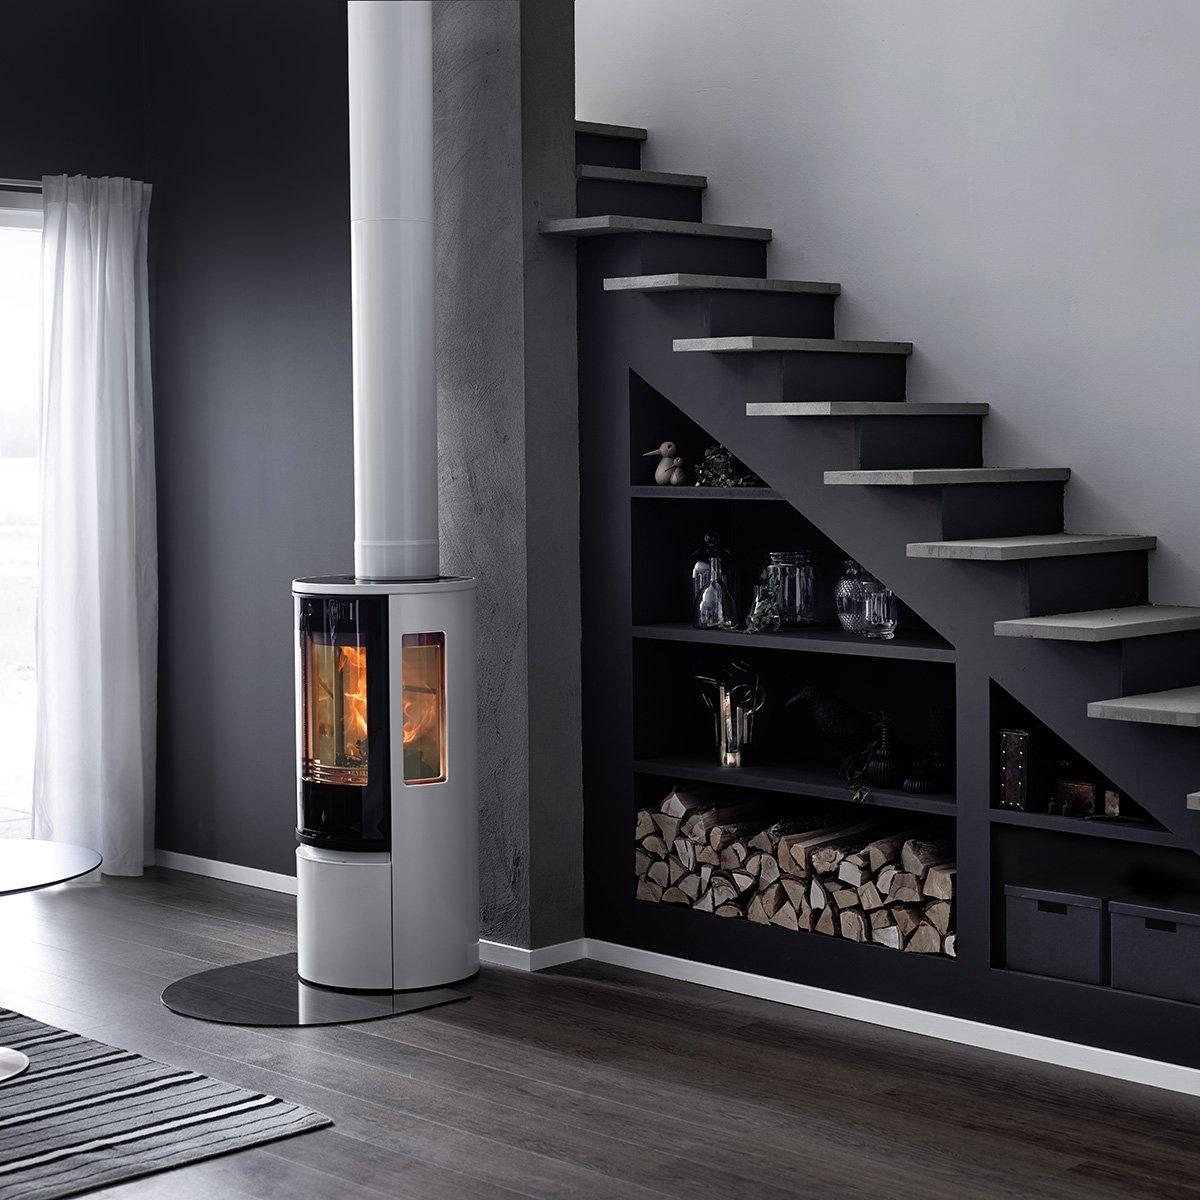 Houtkachel met modern design - Contura 500 Style #houtkachel #contura